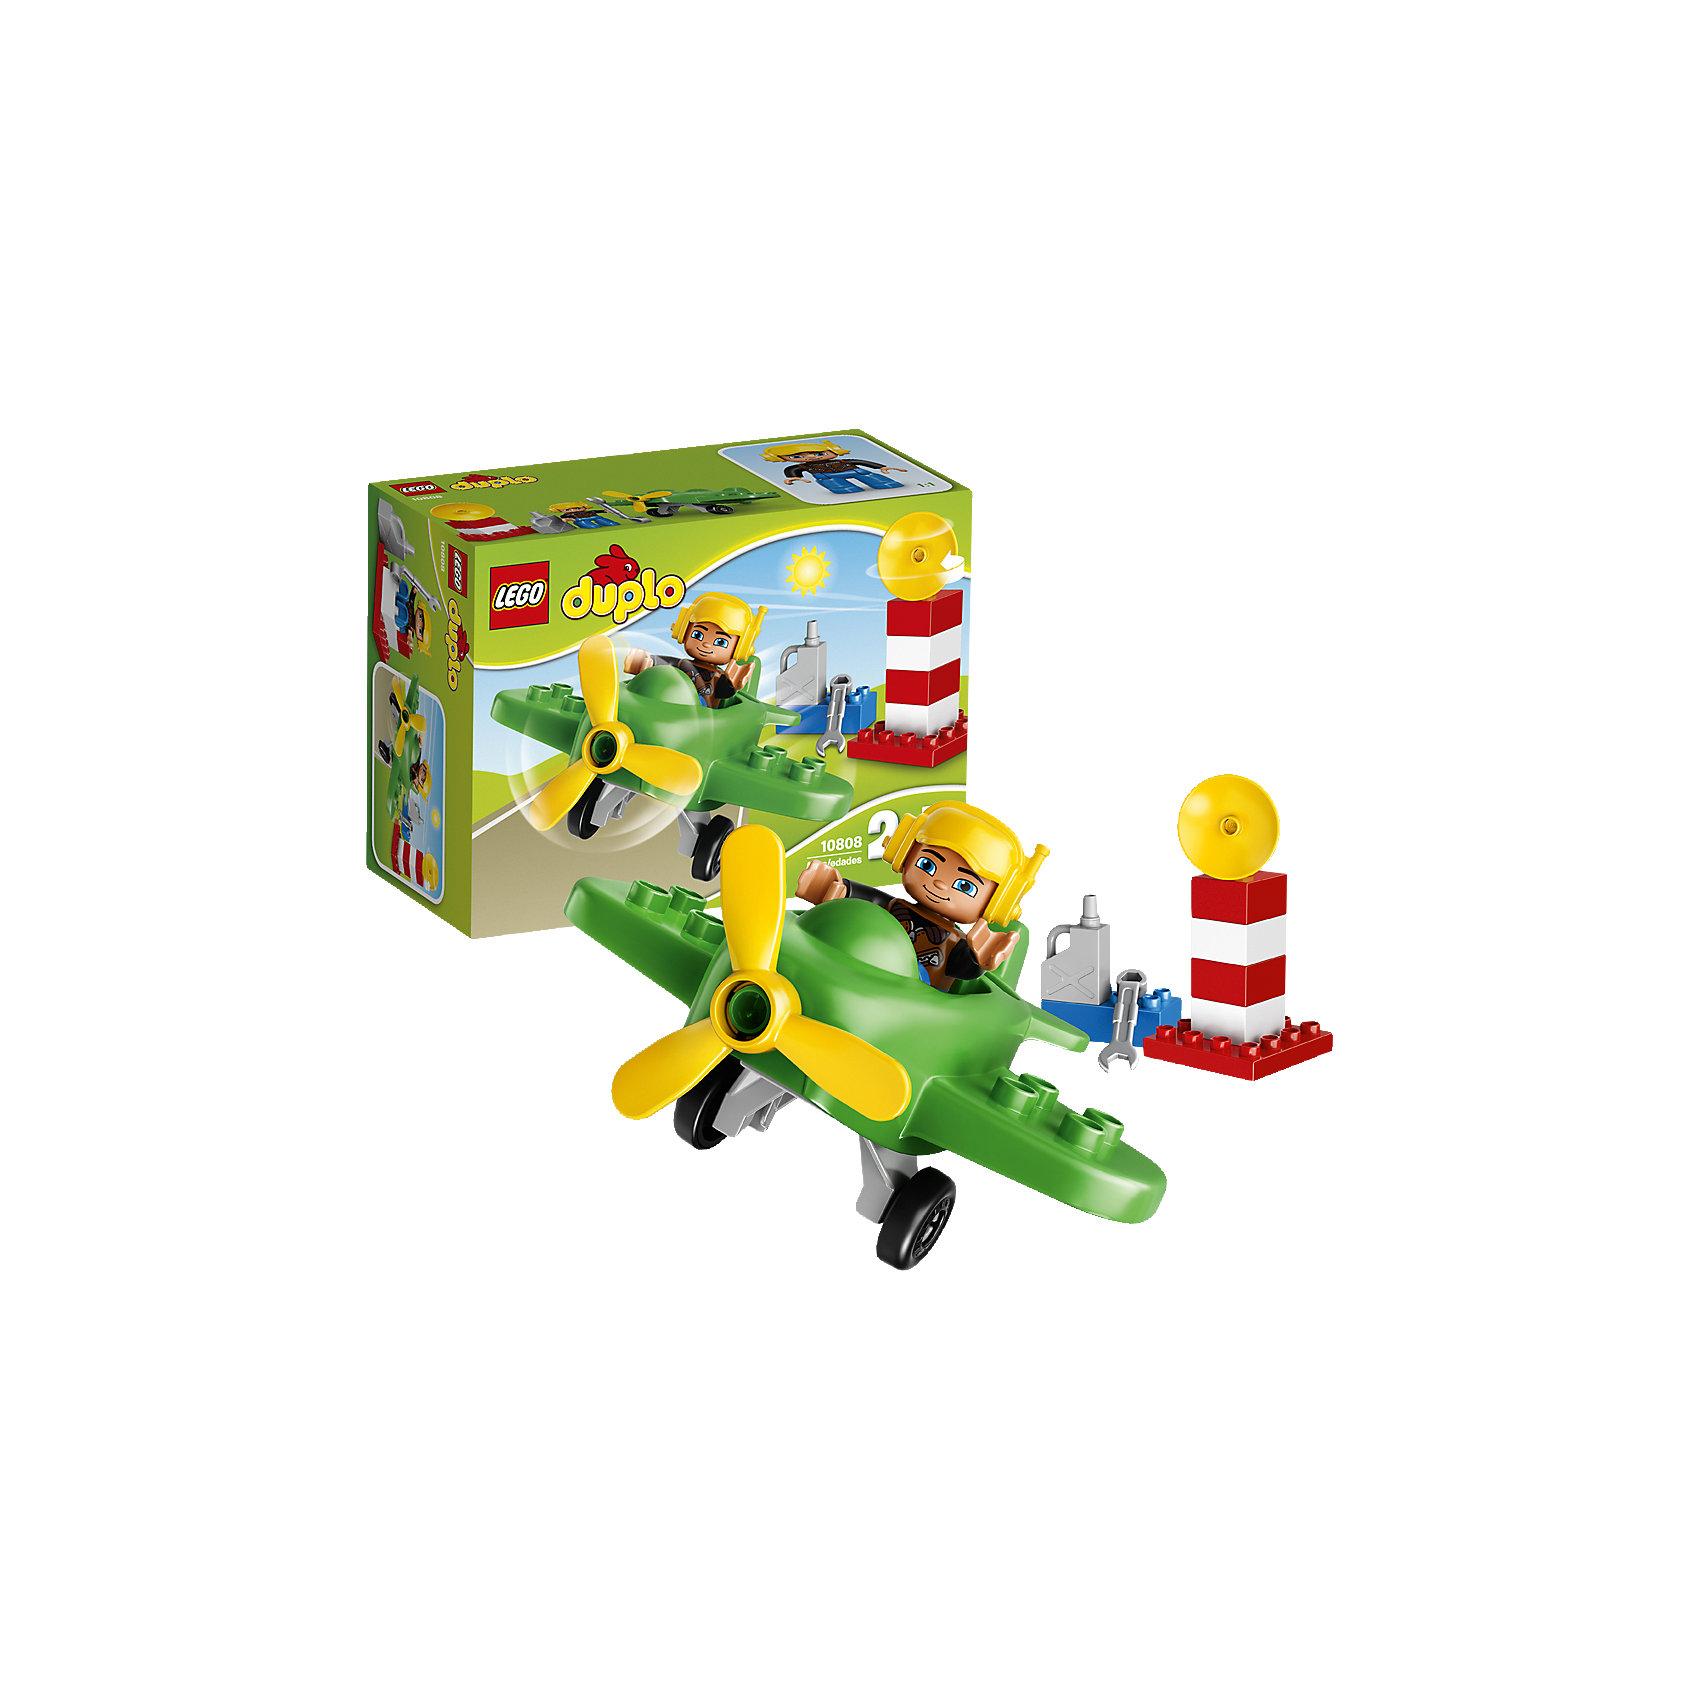 LEGO DUPLO 10808: Маленький самолётКонструкторы для малышей<br>LEGO DUPLO (ЛЕГО Дупло) 10808: Маленький самолёт - увлекательный игровой набор, который станет замечательным подарком для Вашего малыша. Из ярких деталей он сможет самостоятельно собрать красочный самолет с пропеллером и отправиться на нем в увлекательное путешествие! Помогите пилоту проверить работу пропеллера и заправить самолет топливом. Получите разрешение на взлет с радарной вышки и выруливайте на взлётную полосу. В салон самолета можно посадить фигурку пилота с подвижными частями тела.<br><br>ЛЕГО Дупло - серия конструкторов для малышей, которую отличает крупные яркие детали со скругленными углами и многообразие игровых сюжетов, это и животные, и растения, и машинки, и сказочные персонажи. <br><br>Дополнительная информация:<br><br>- Игра с конструктором LEGO (ЛЕГО) развивает мелкую моторику ребенка, фантазию и воображение, учит его усидчивости и внимательности.<br>- Количество деталей: 13.<br>- Количество минифигур: 1 (пилот самолета).<br>- Серия: LEGO DUPLO (ЛЕГО Дупло). <br>- Материал: пластик.<br>- Размер упаковки: 19 х 9 х 14 см.<br>- Вес: 0,215 кг.<br><br>Конструктор LEGO DUPLO (ЛЕГО Дупло) 10808: Маленький самолёт можно купить в нашем интернет-магазине.<br><br>Ширина мм: 196<br>Глубина мм: 142<br>Высота мм: 93<br>Вес г: 233<br>Возраст от месяцев: 24<br>Возраст до месяцев: 60<br>Пол: Мужской<br>Возраст: Детский<br>SKU: 4259176